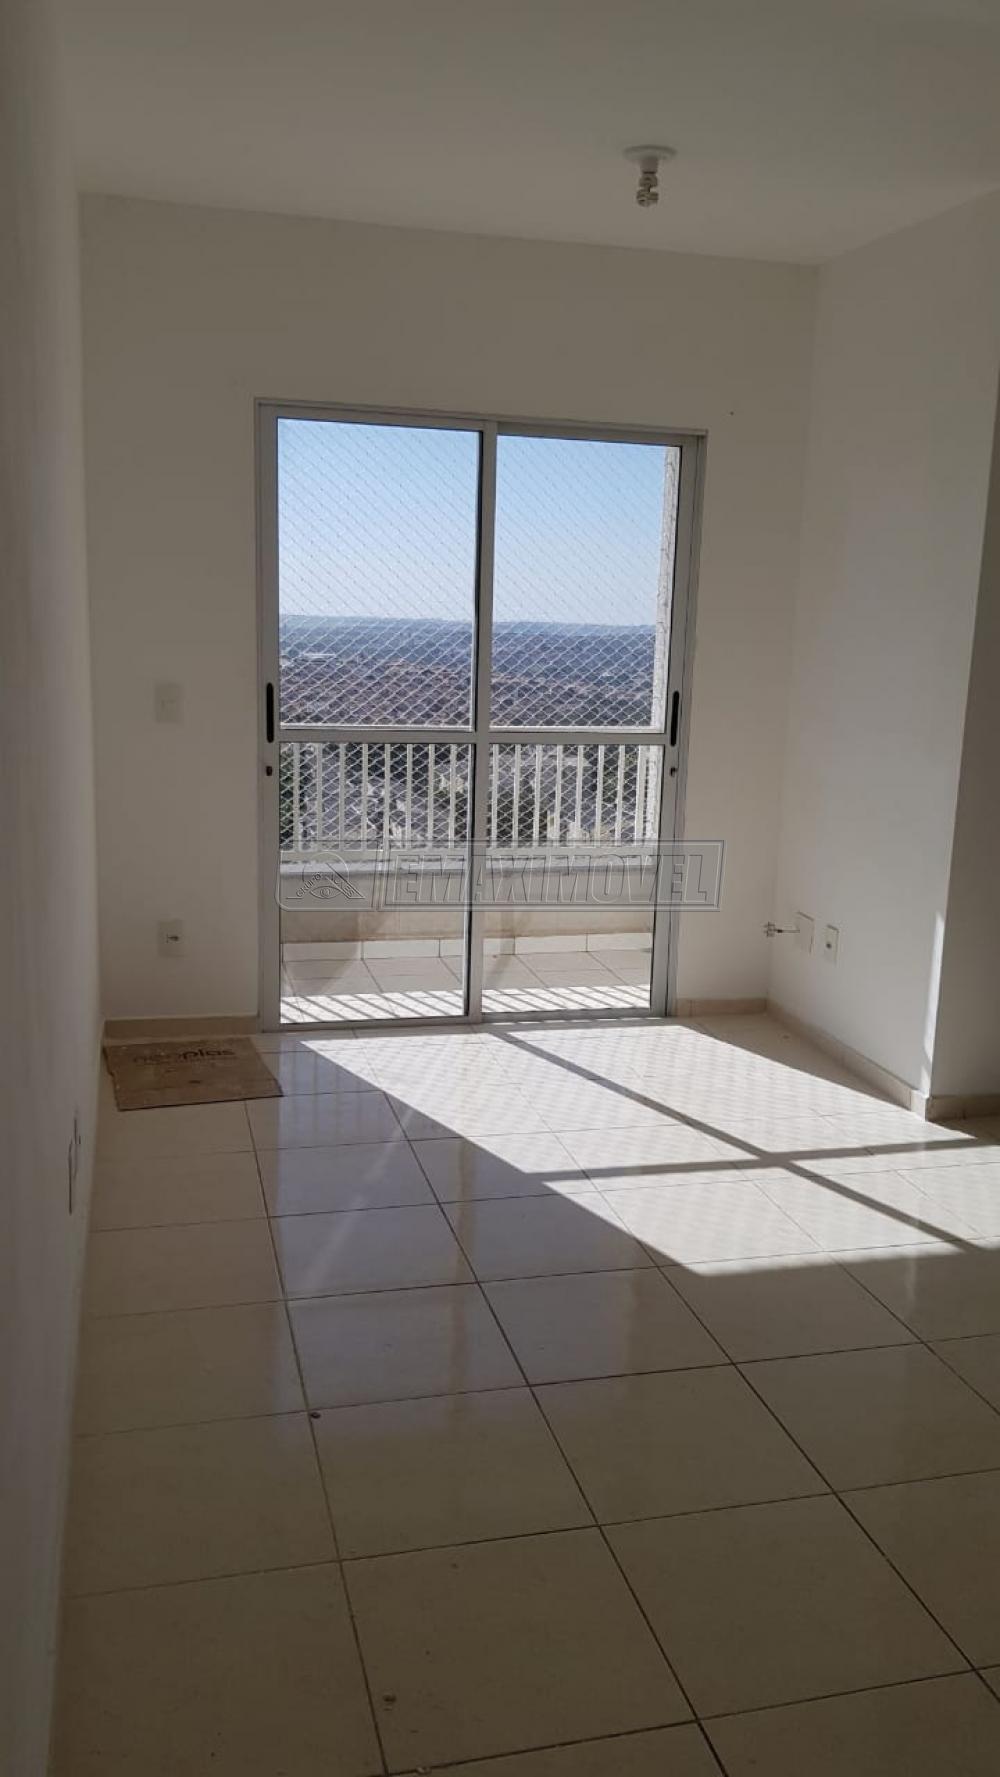 Comprar Apartamentos / Apto Padrão em Sorocaba apenas R$ 198.000,00 - Foto 4